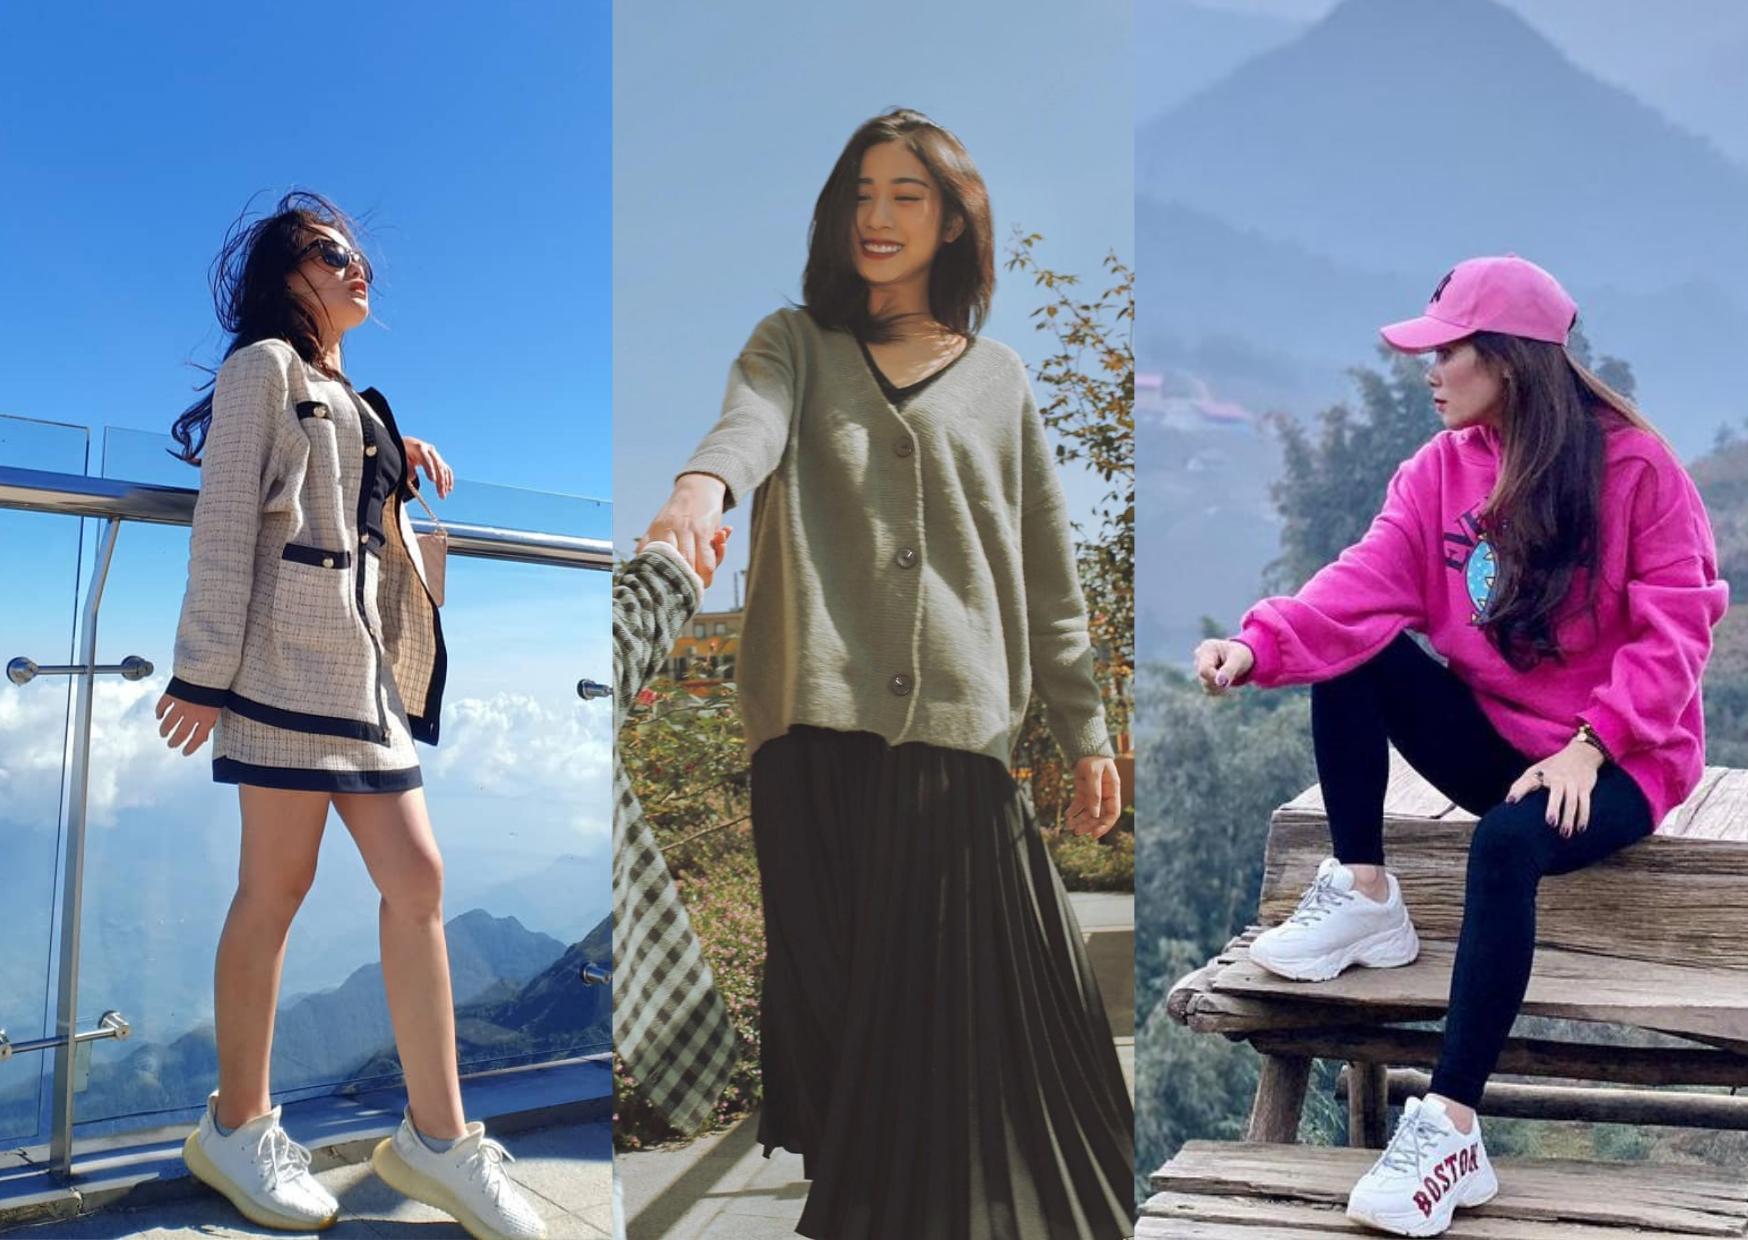 Nữ có nhiều phong cách phối đồ khác nhau từ thể thao cá tính đến dịu dàng